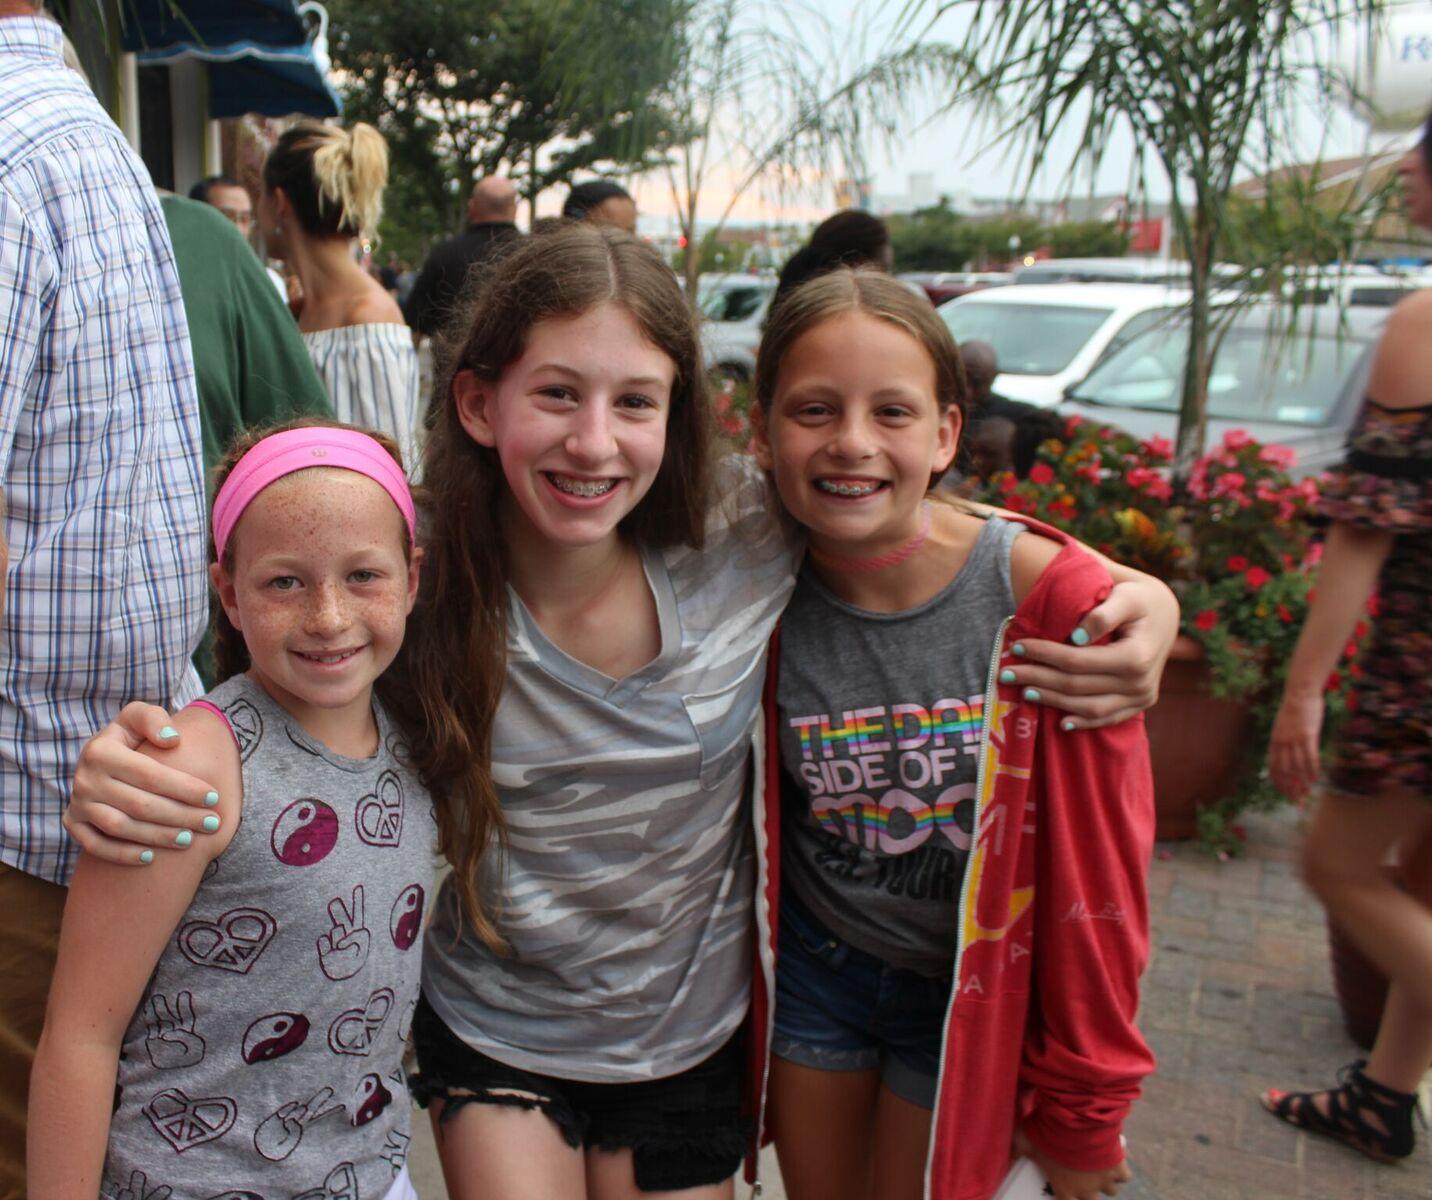 Marissa, Lauren and Jenna